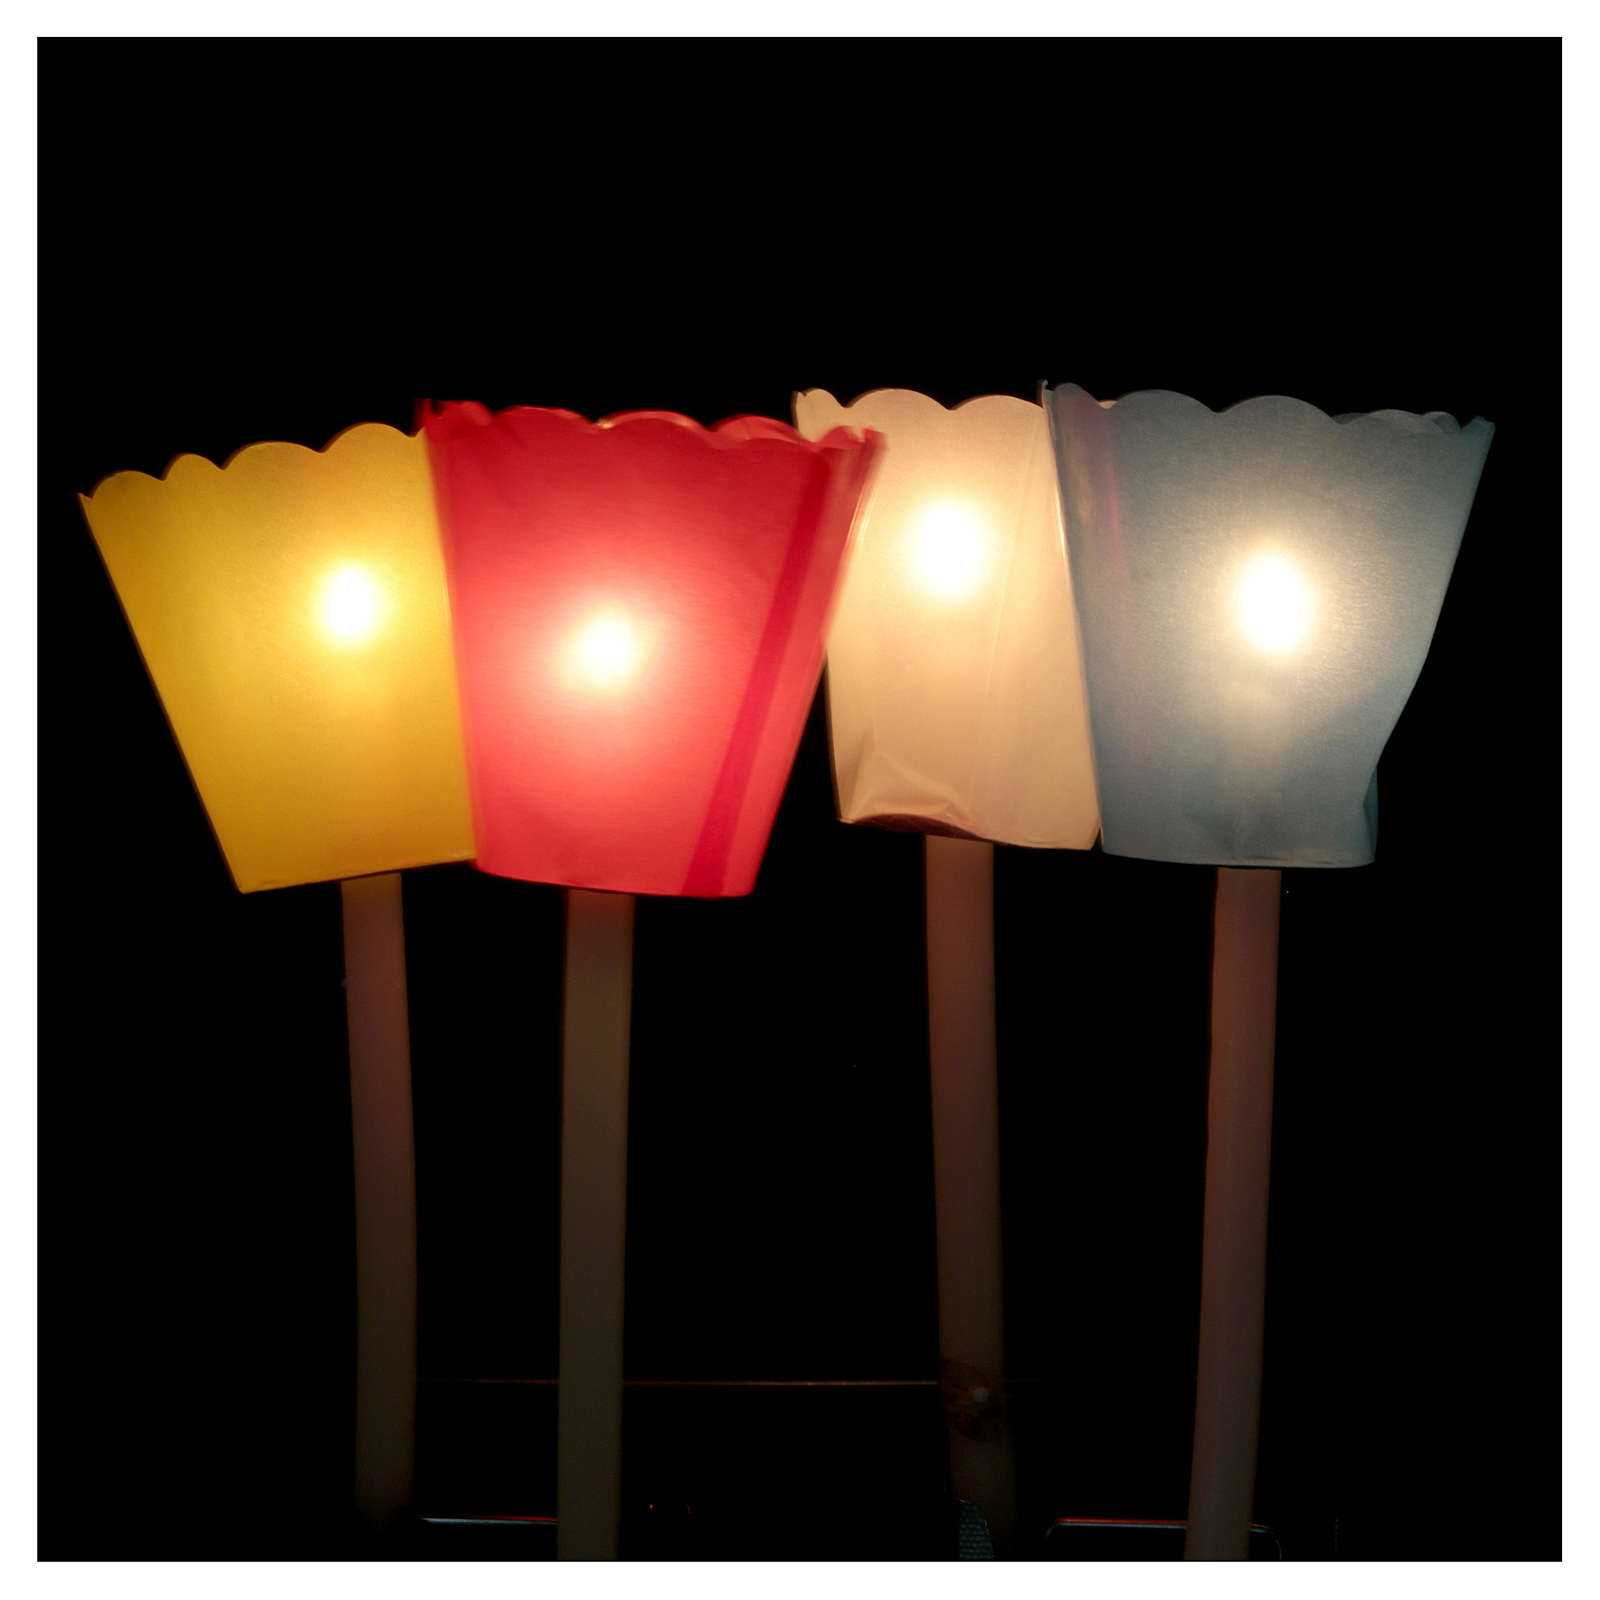 Flambeaux aus Papier 3